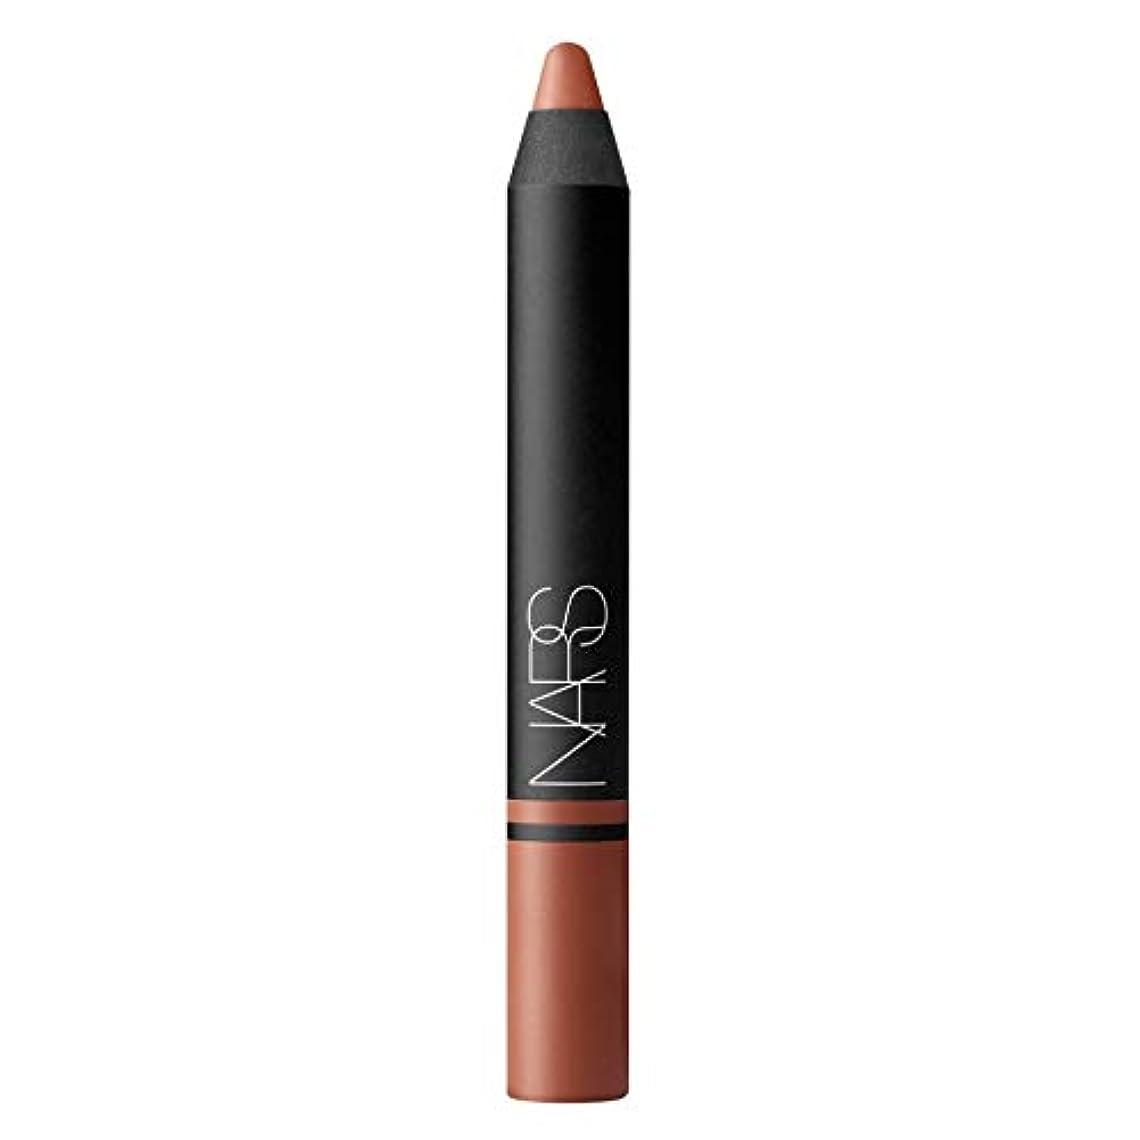 合唱団何よりも突破口[NARS] HetのトイレでのリップペンシルサテンのNar - Nars Satin Lip Pencil in Het Loo [並行輸入品]